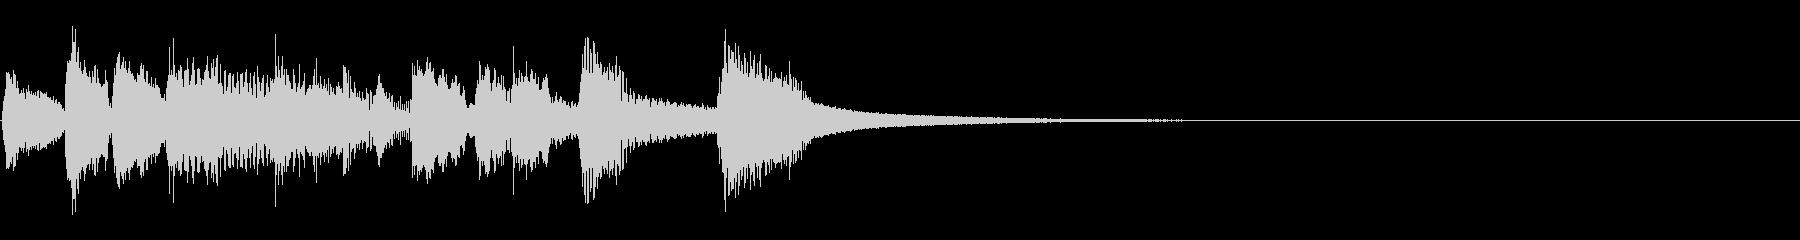 ファンキーに締めくくるジングルの未再生の波形